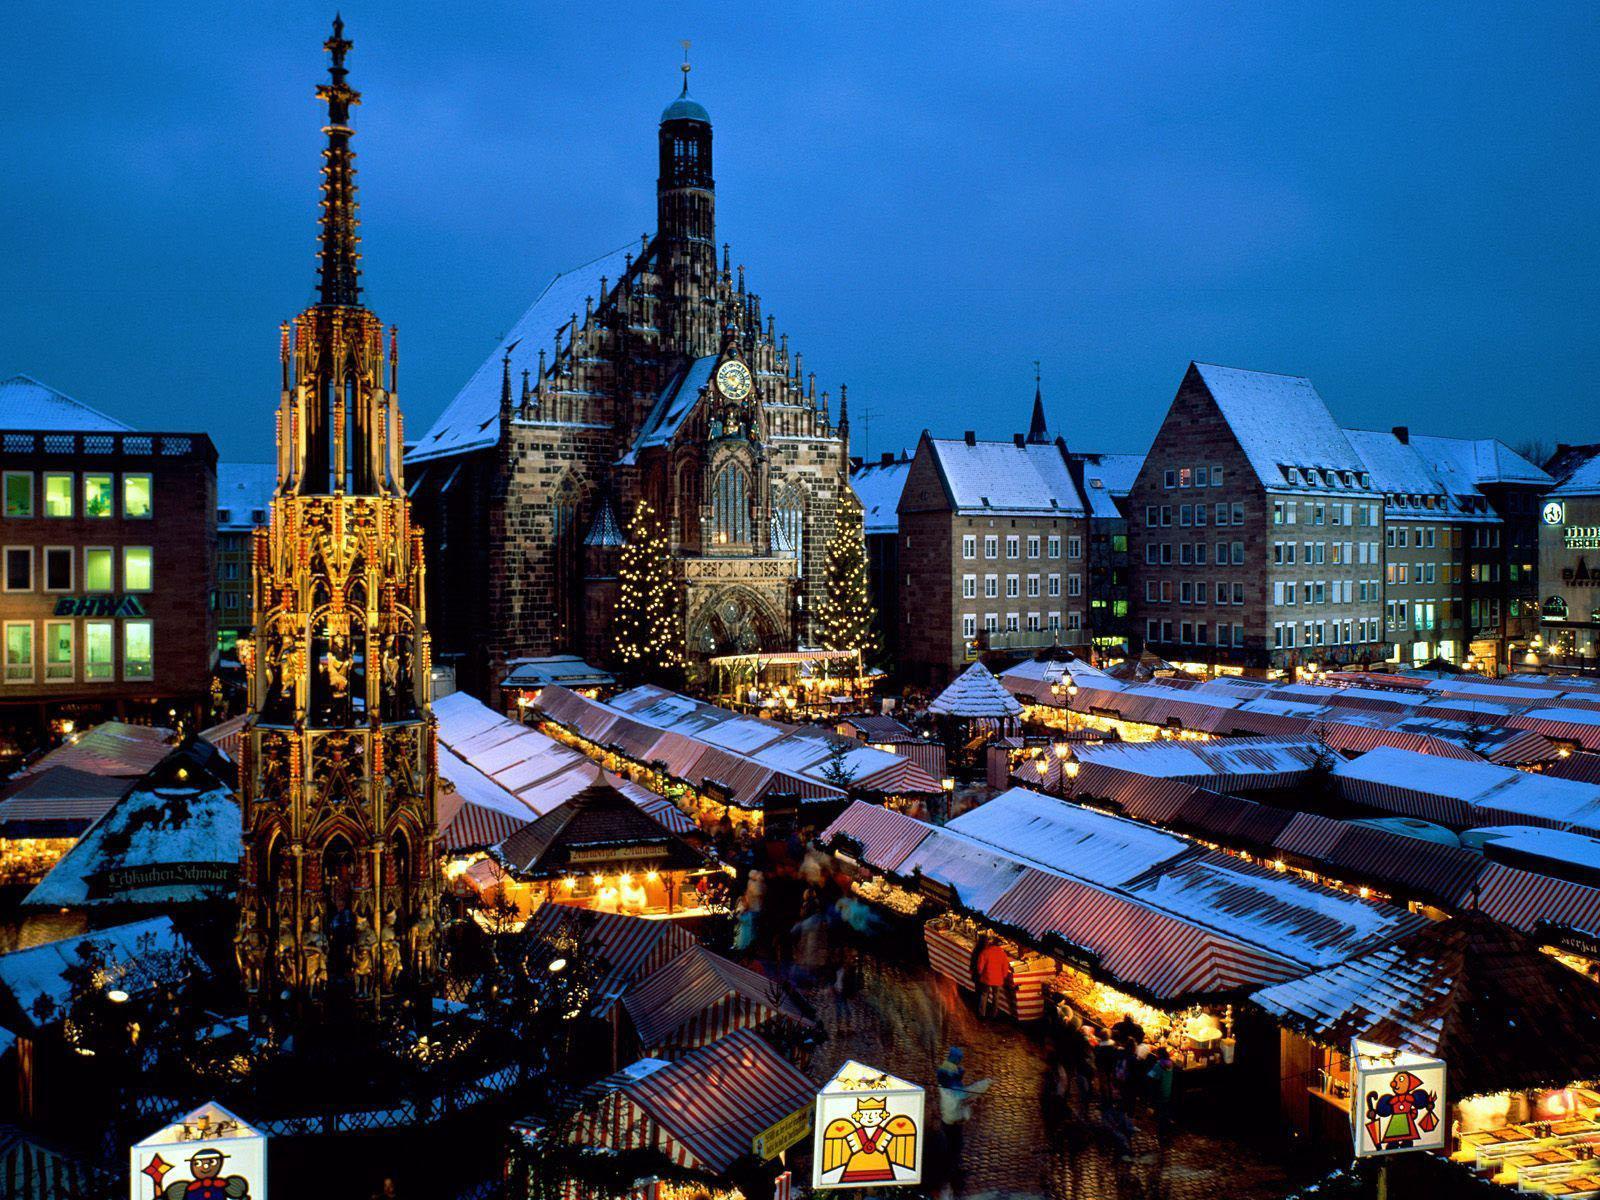 慕尼黑周边有哪些好玩的地方呢?——纽伦堡